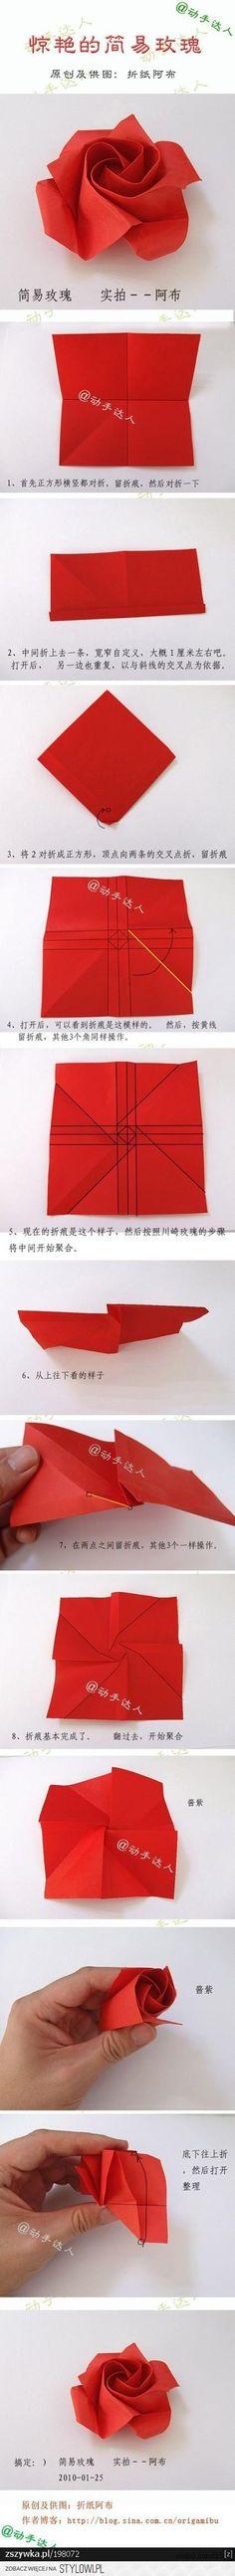 roza origami na Stylowi.pl